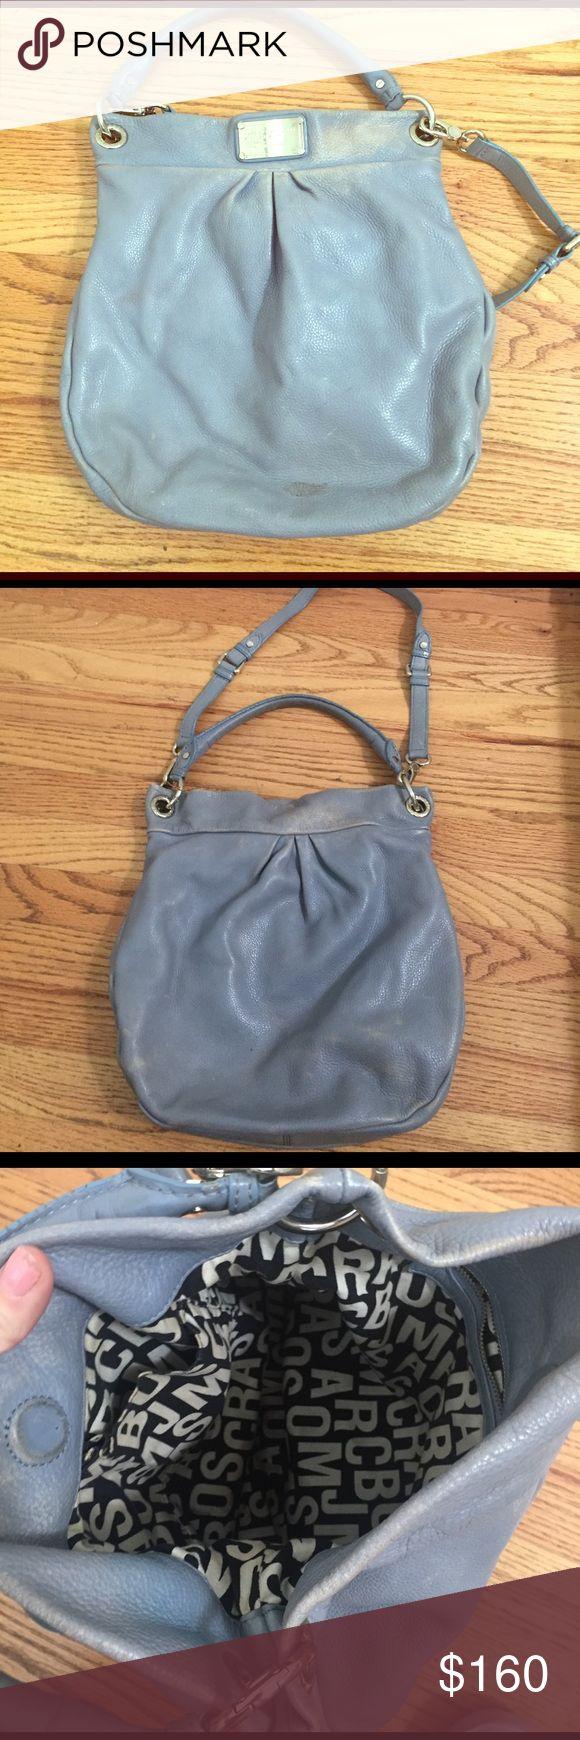 Marc by Marc jacobs blue shoulder bag purse hobo Marc by Marc jacobs blue shoulder bag purse hobo Marc by Marc Jacobs Bags Shoulder Bags